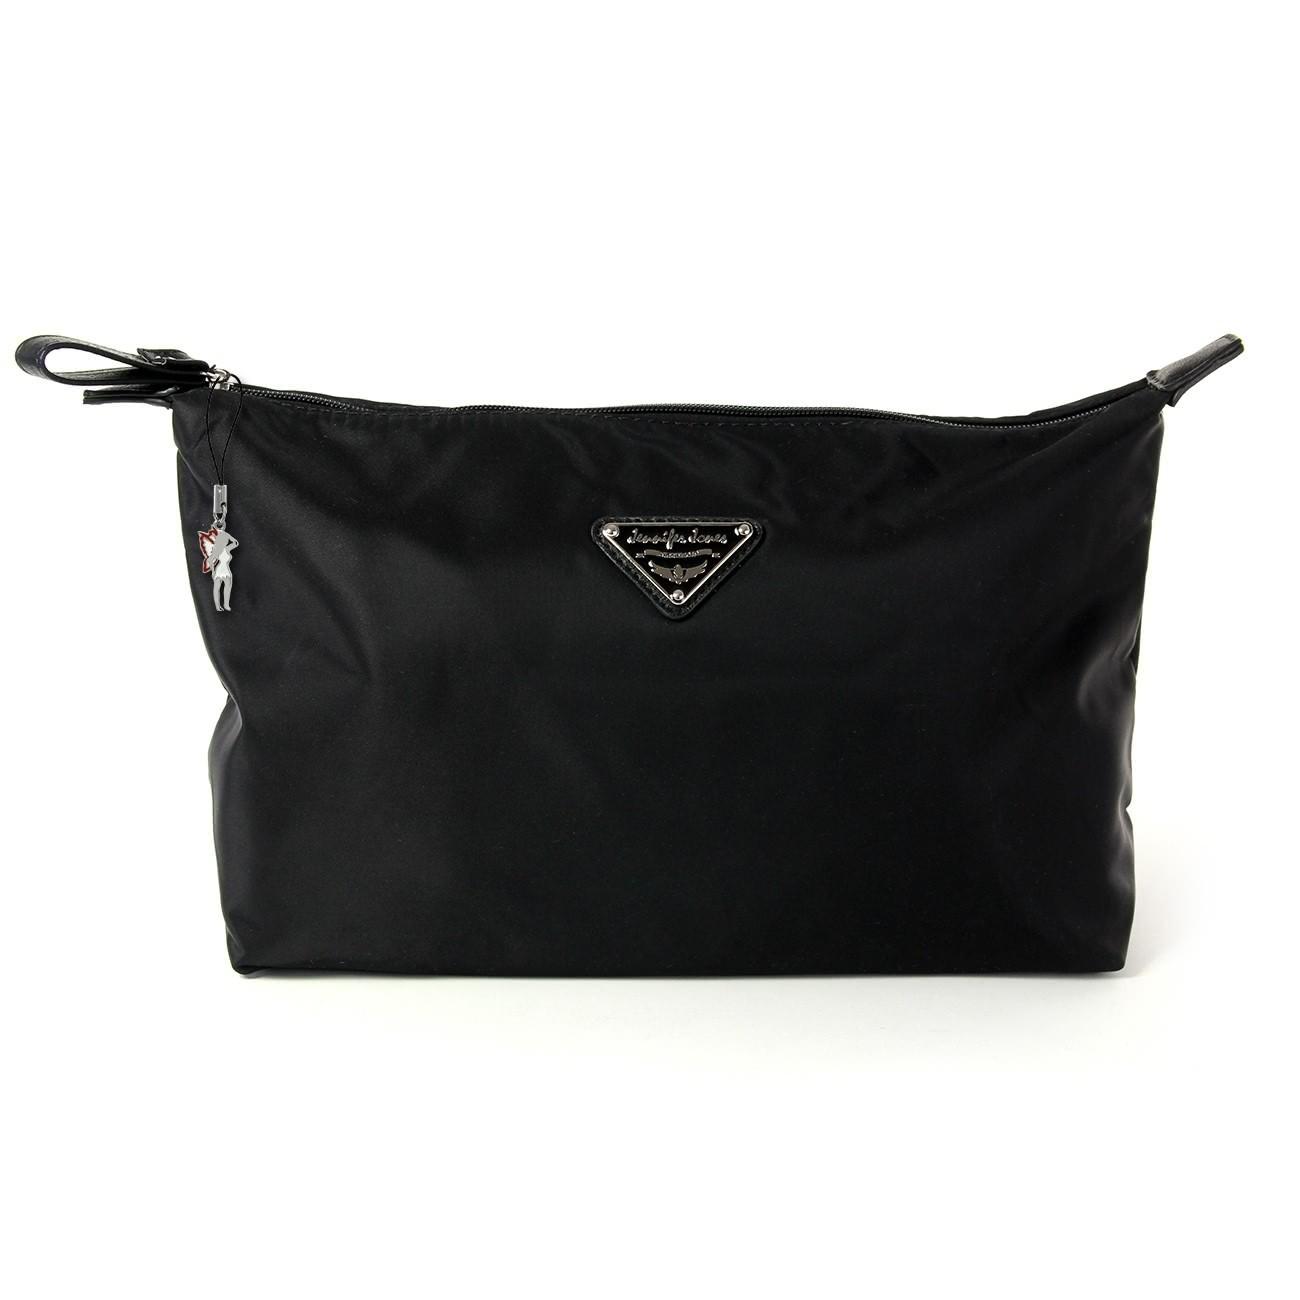 Kosmetiktasche Nylon schwarz Kulturtasche Waschtasche Jennifer Jones OTJ702S